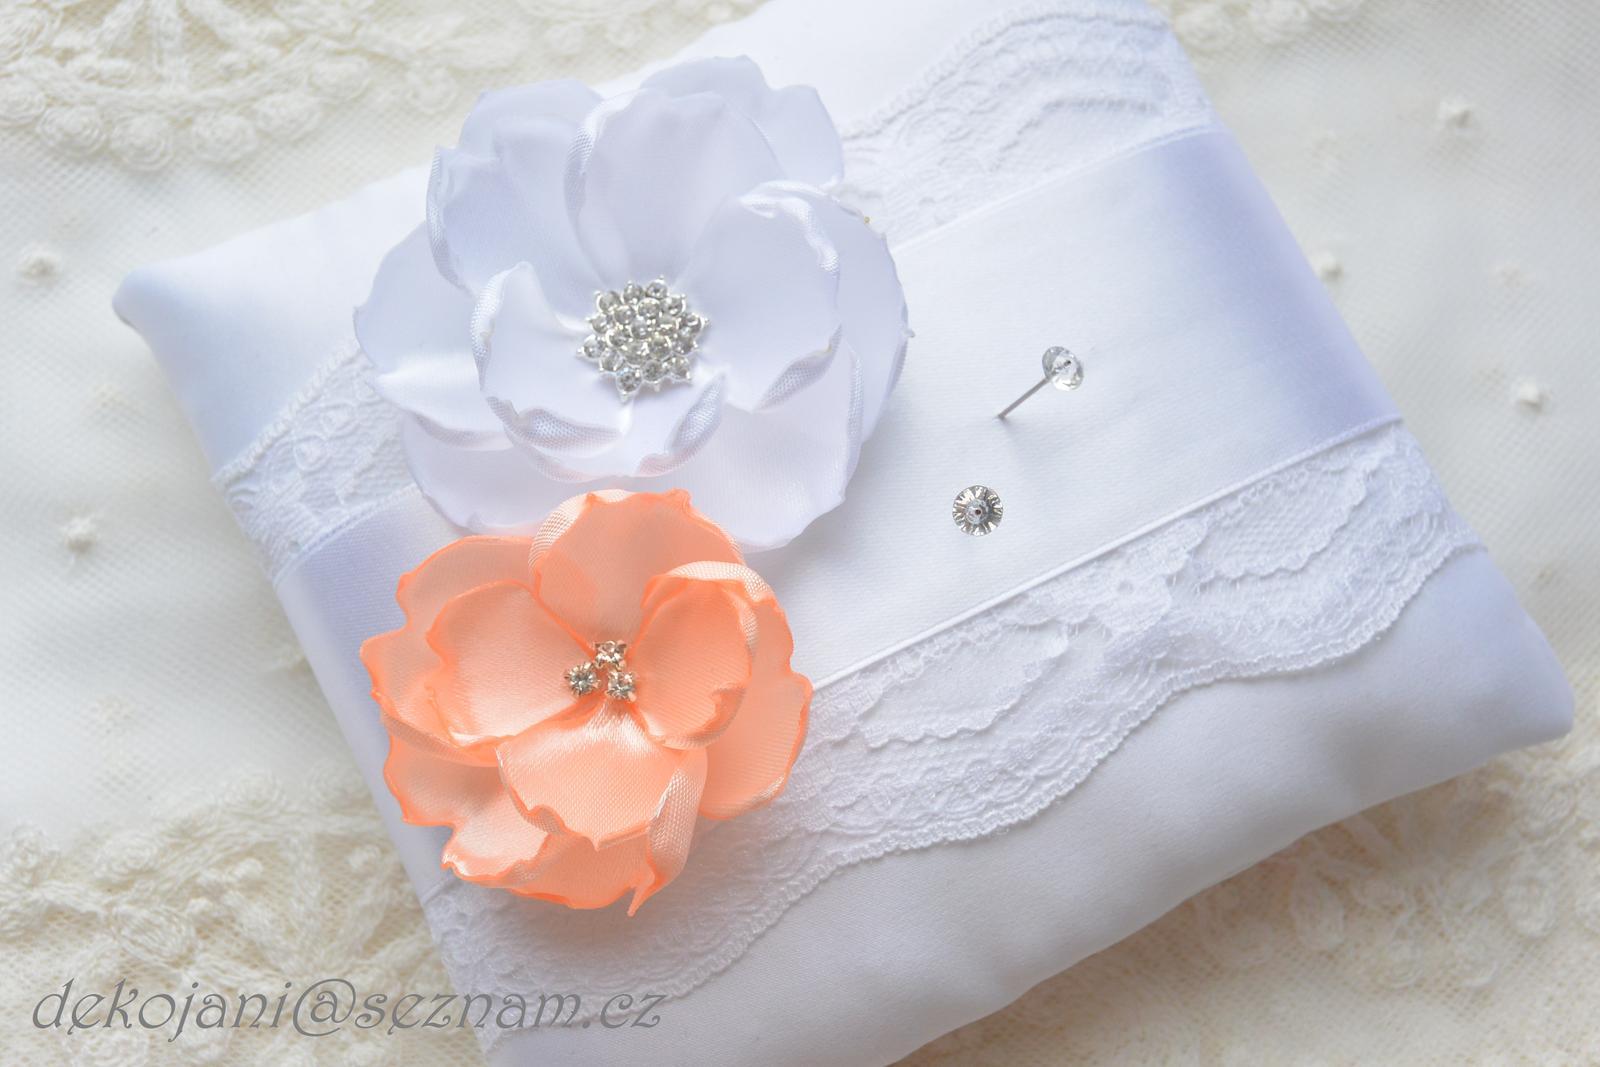 Svatební dekorace vše v barvách na přání! - Obrázek č. 59